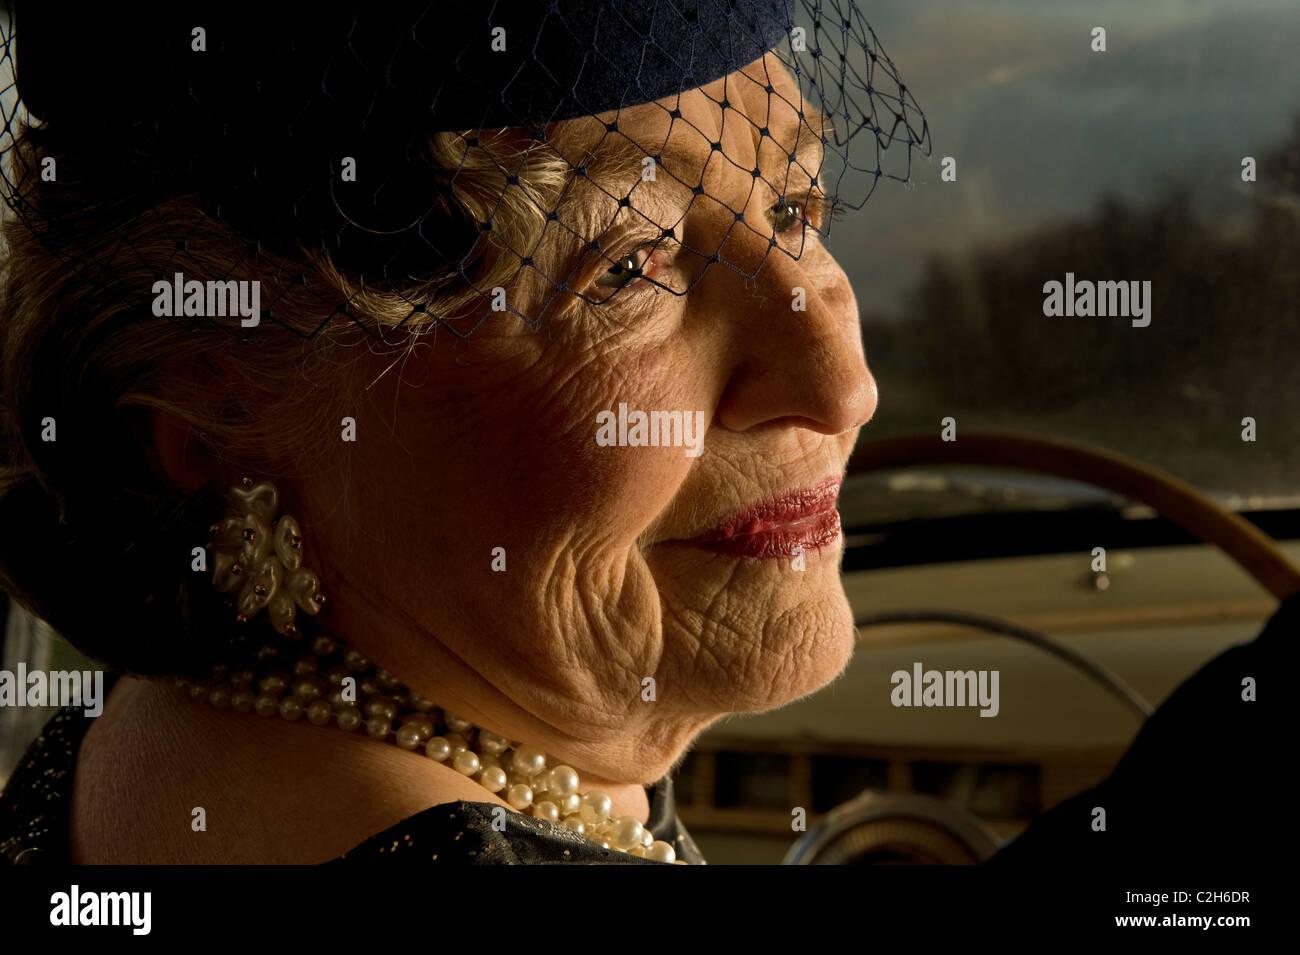 Senior donna matura è alla guida di un'auto d'epoca Immagini Stock